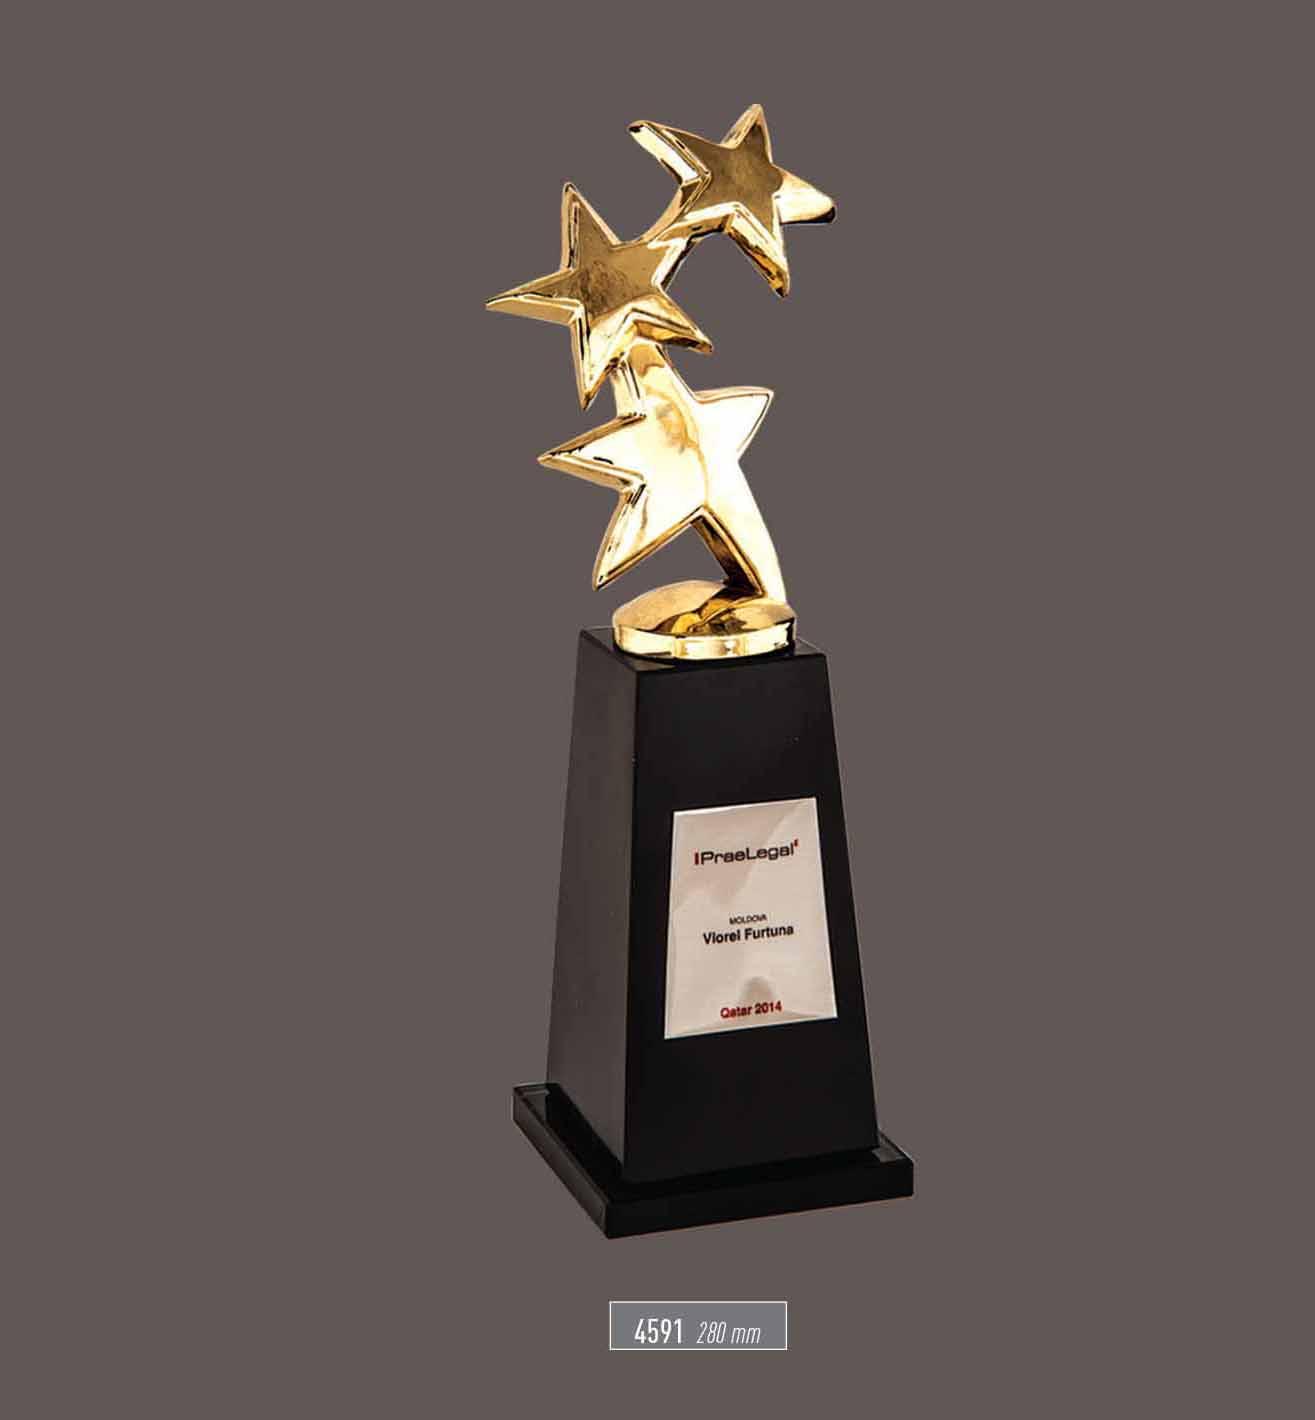 4591 - Award